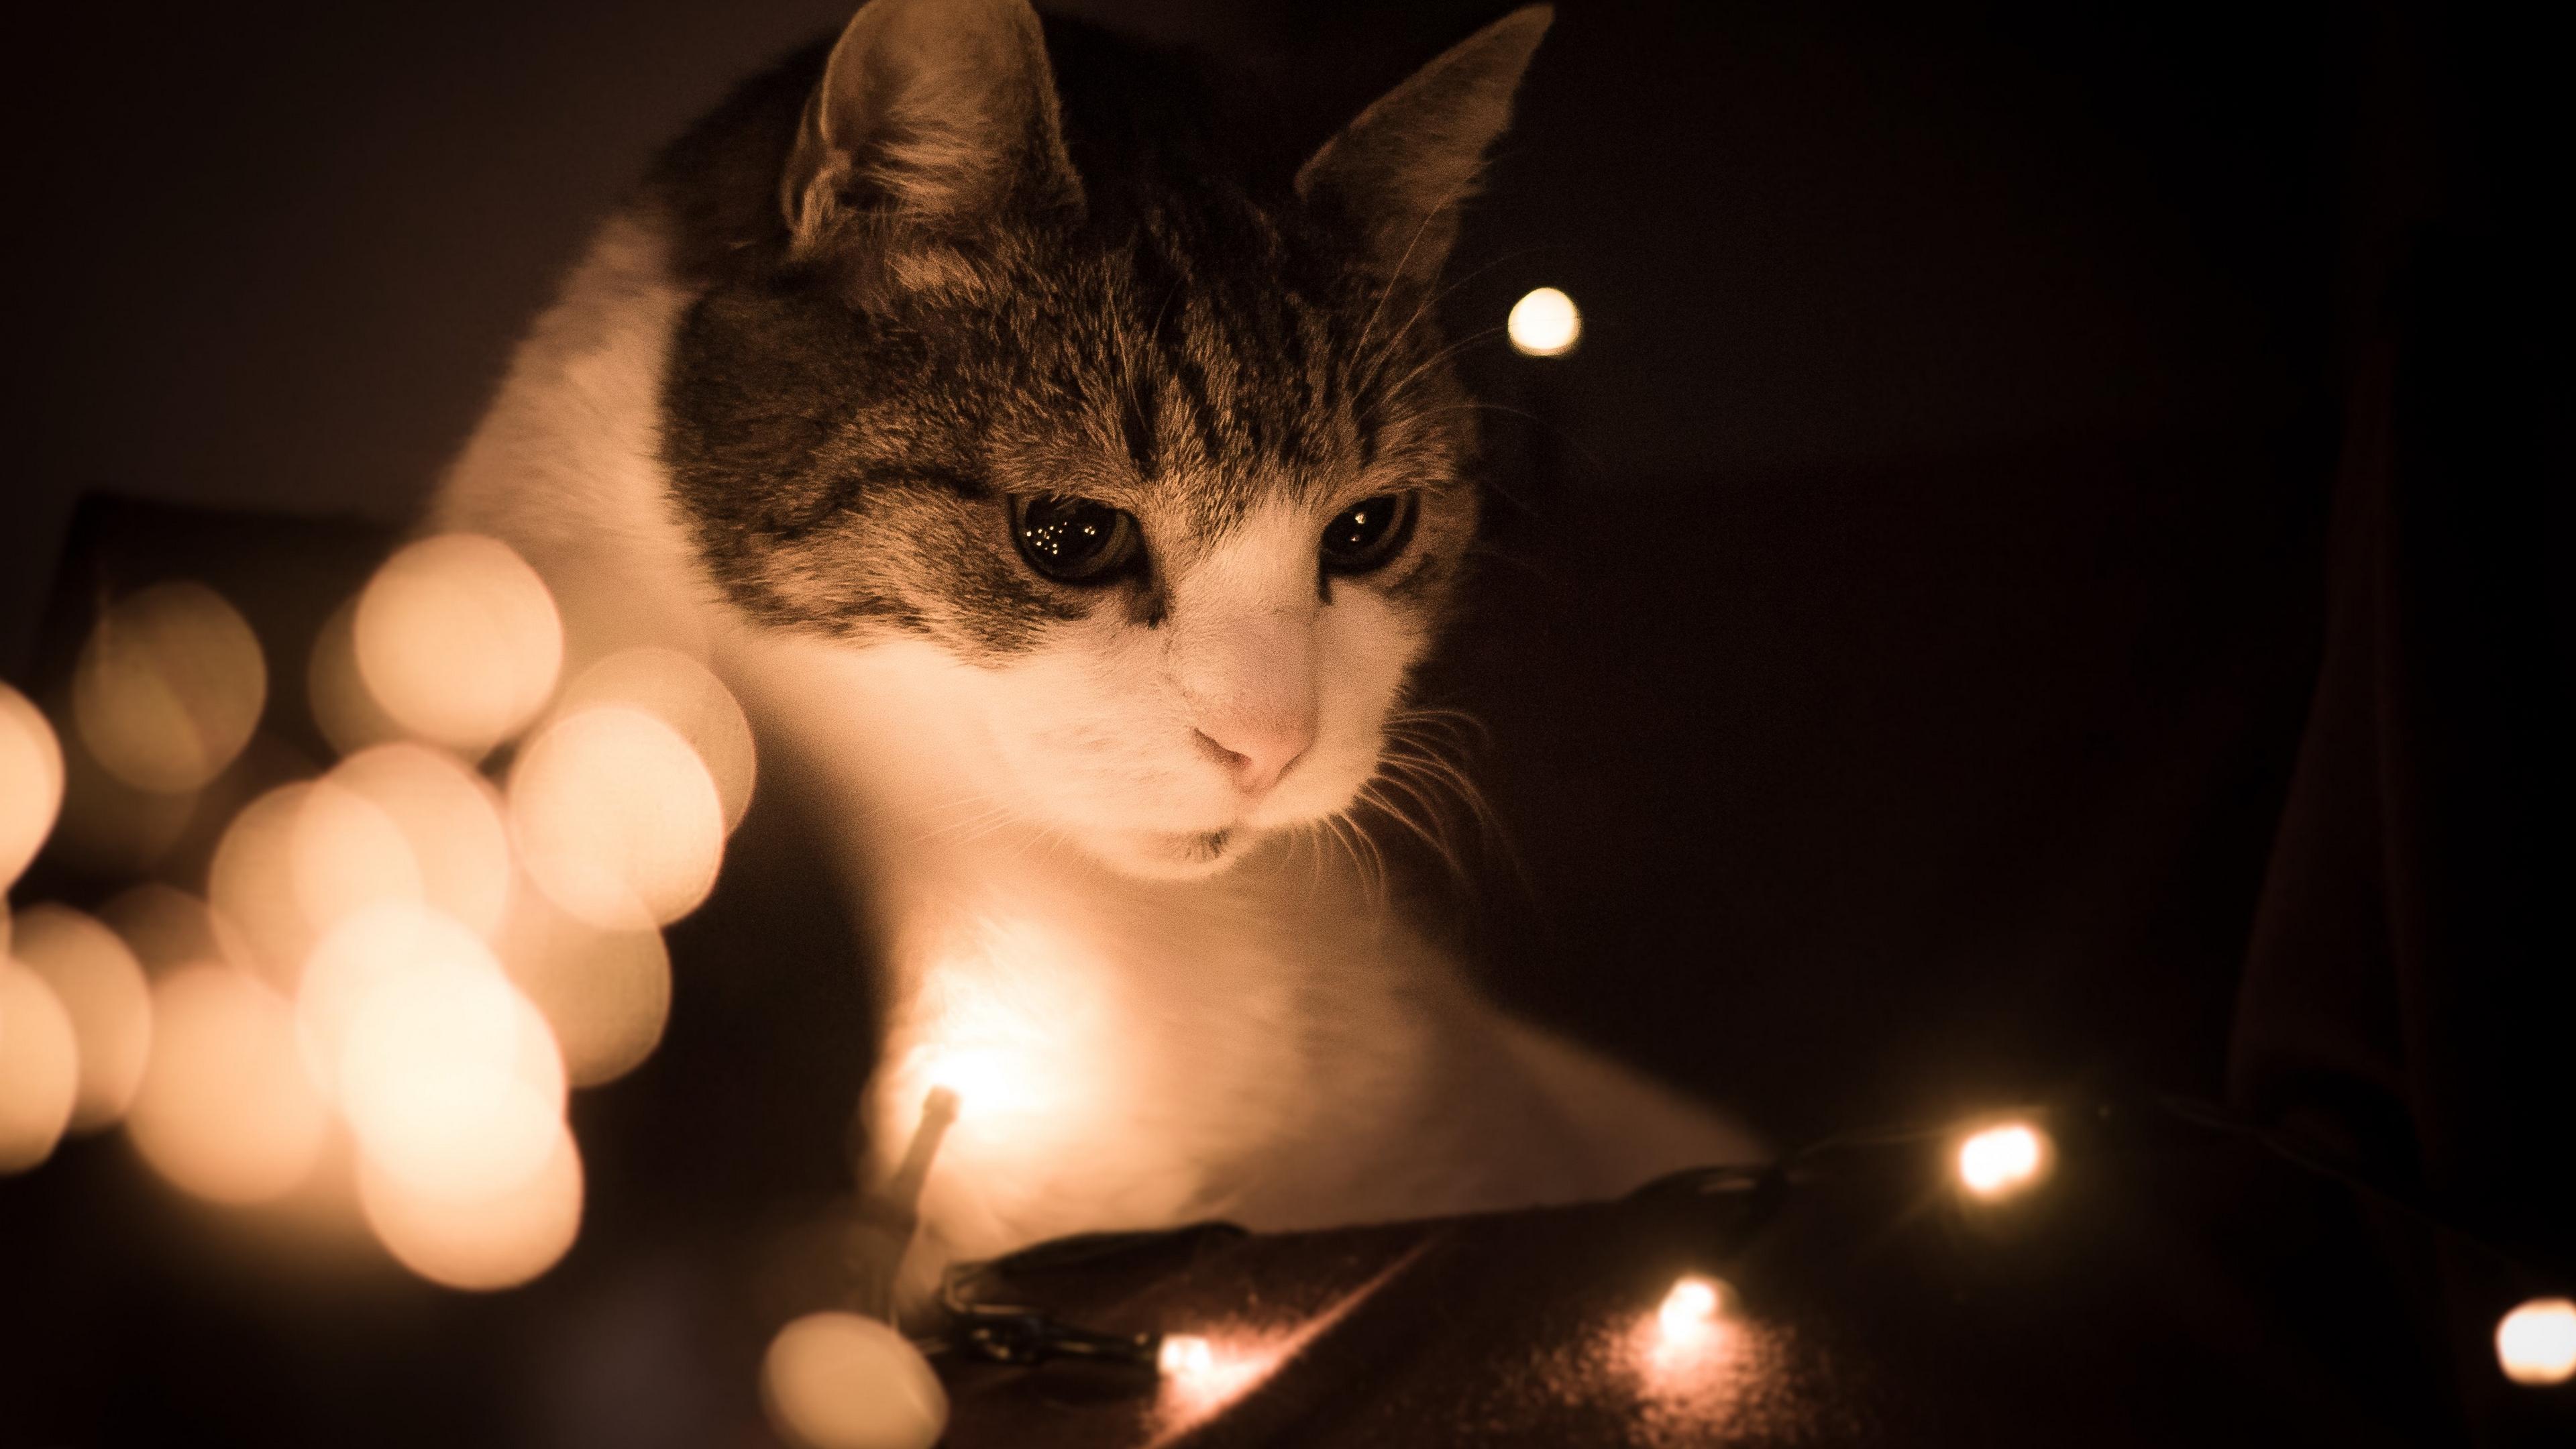 ламповые картинки атмосфера котики недавно